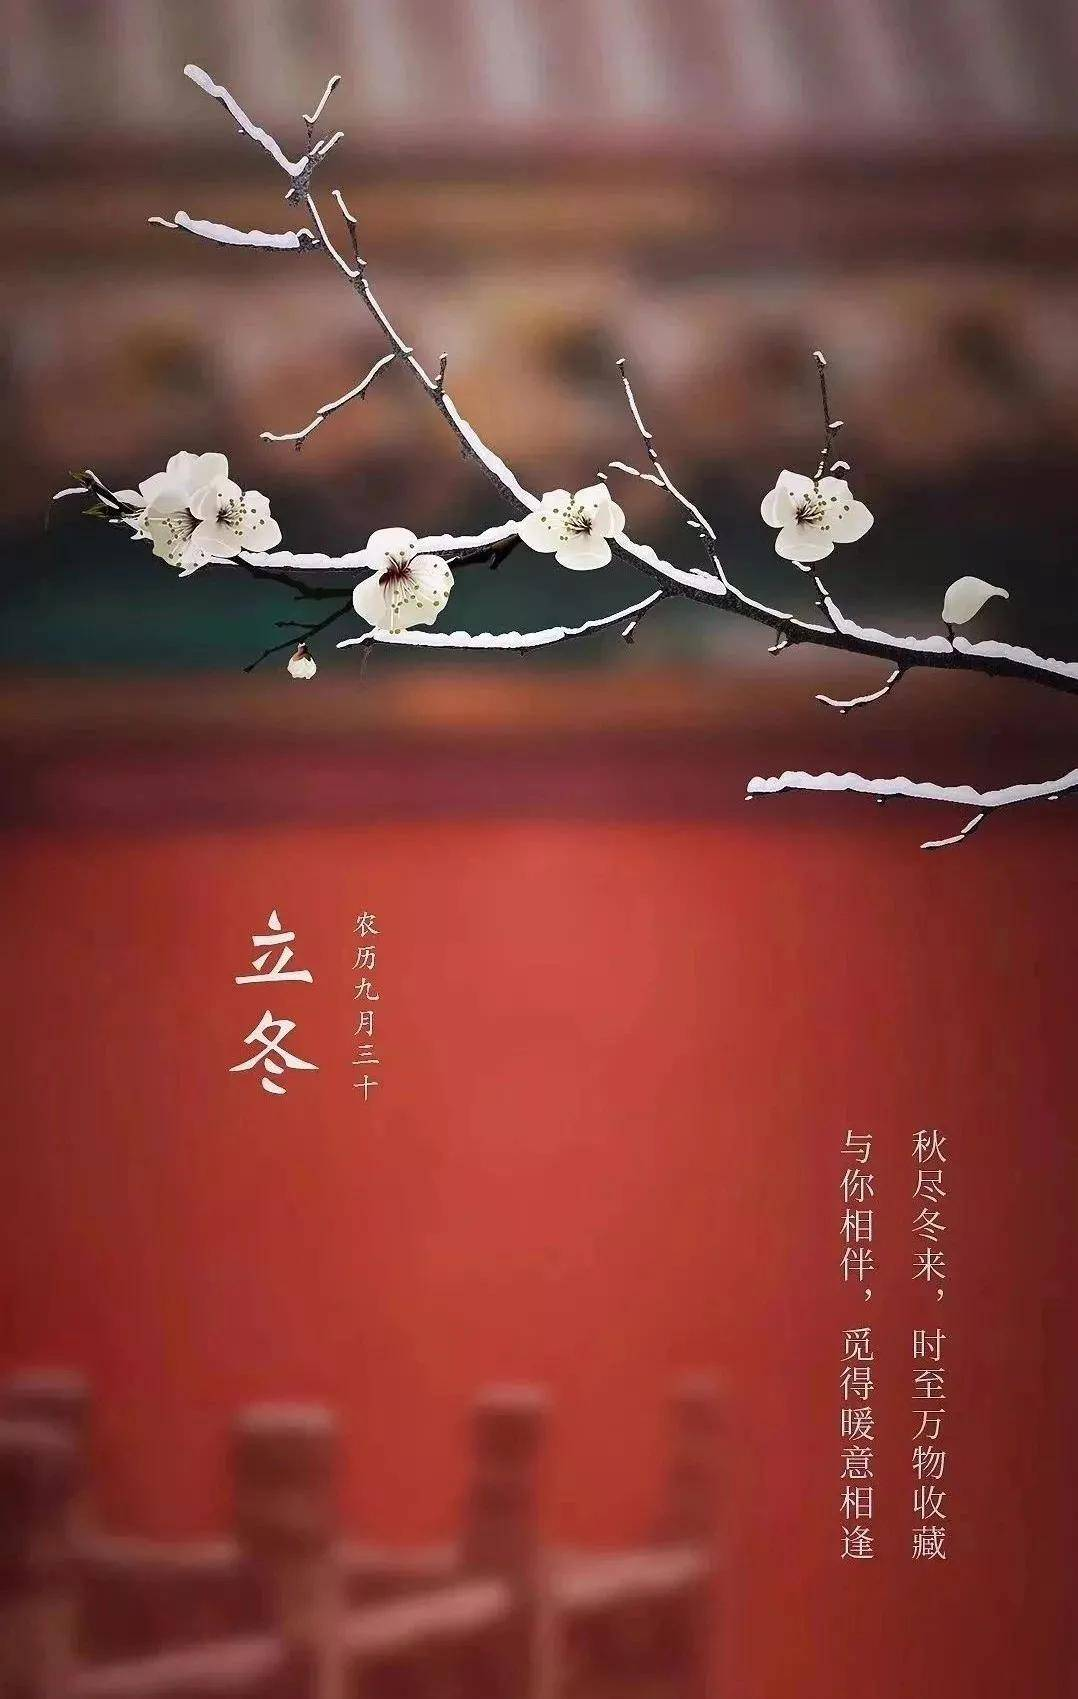 唐香文化 | 立冬,香事。